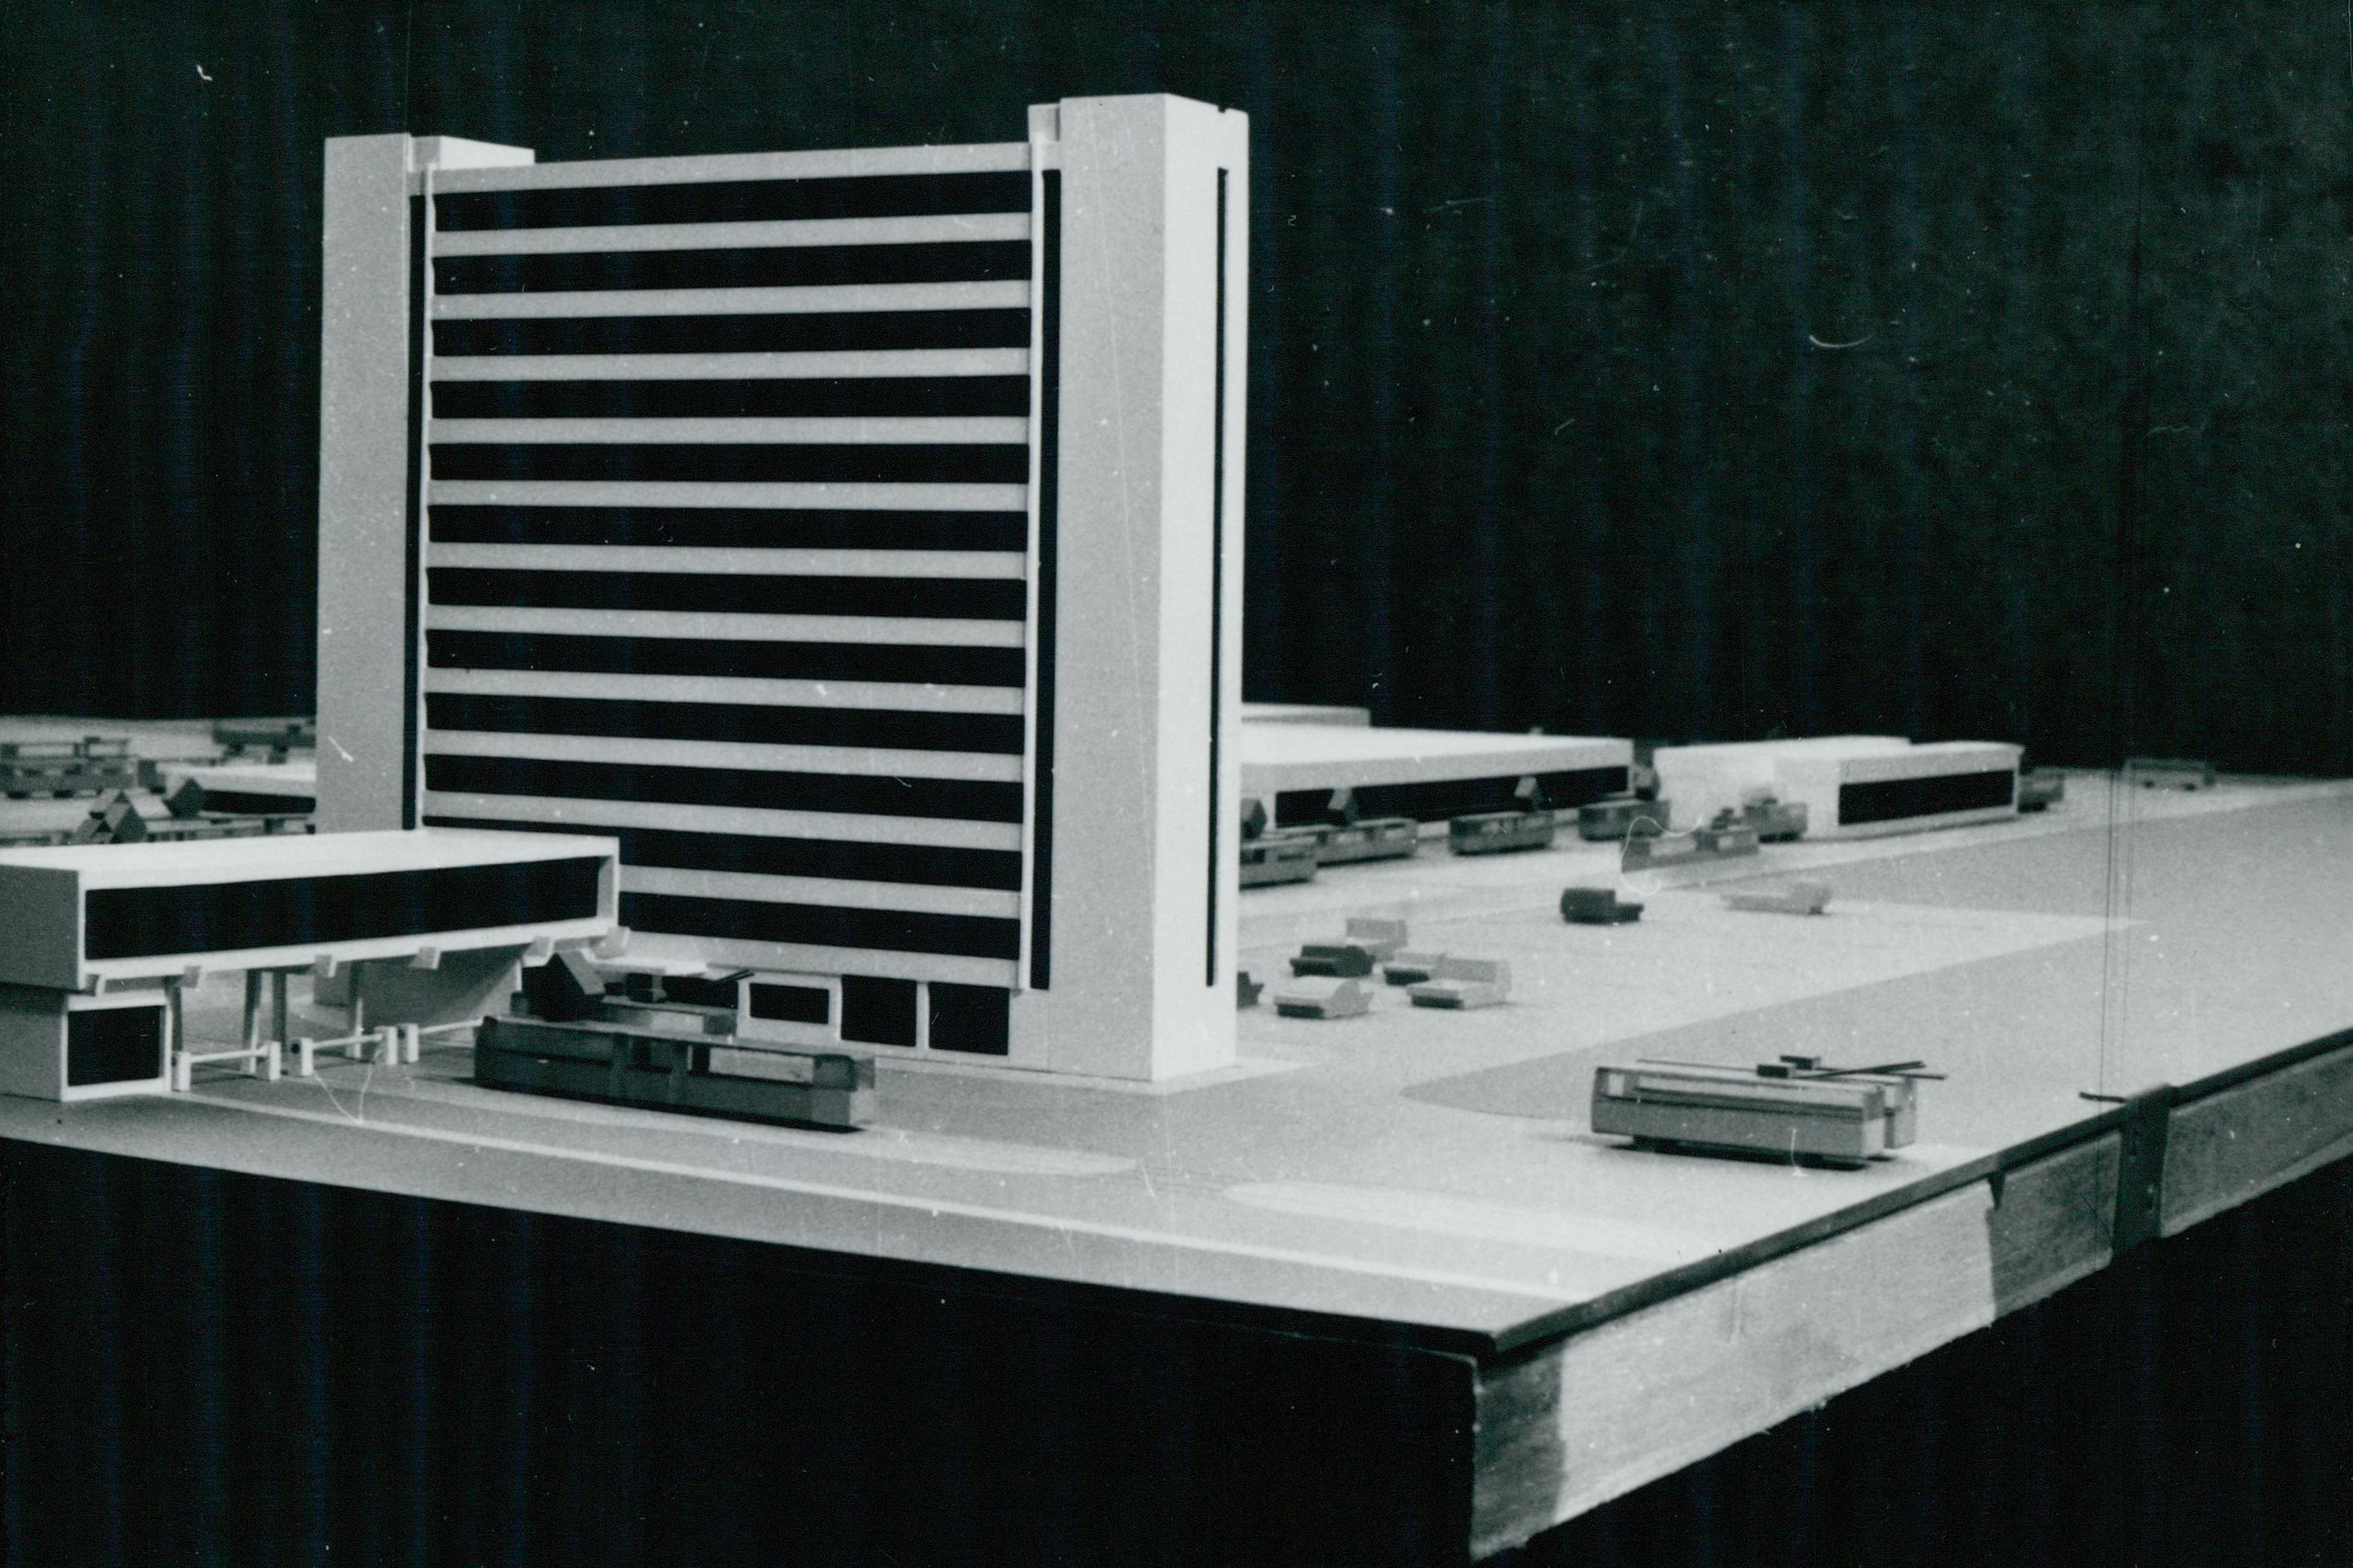 A szegedi Közlekedési Vállalat Komplex forgalmi telepének makettje